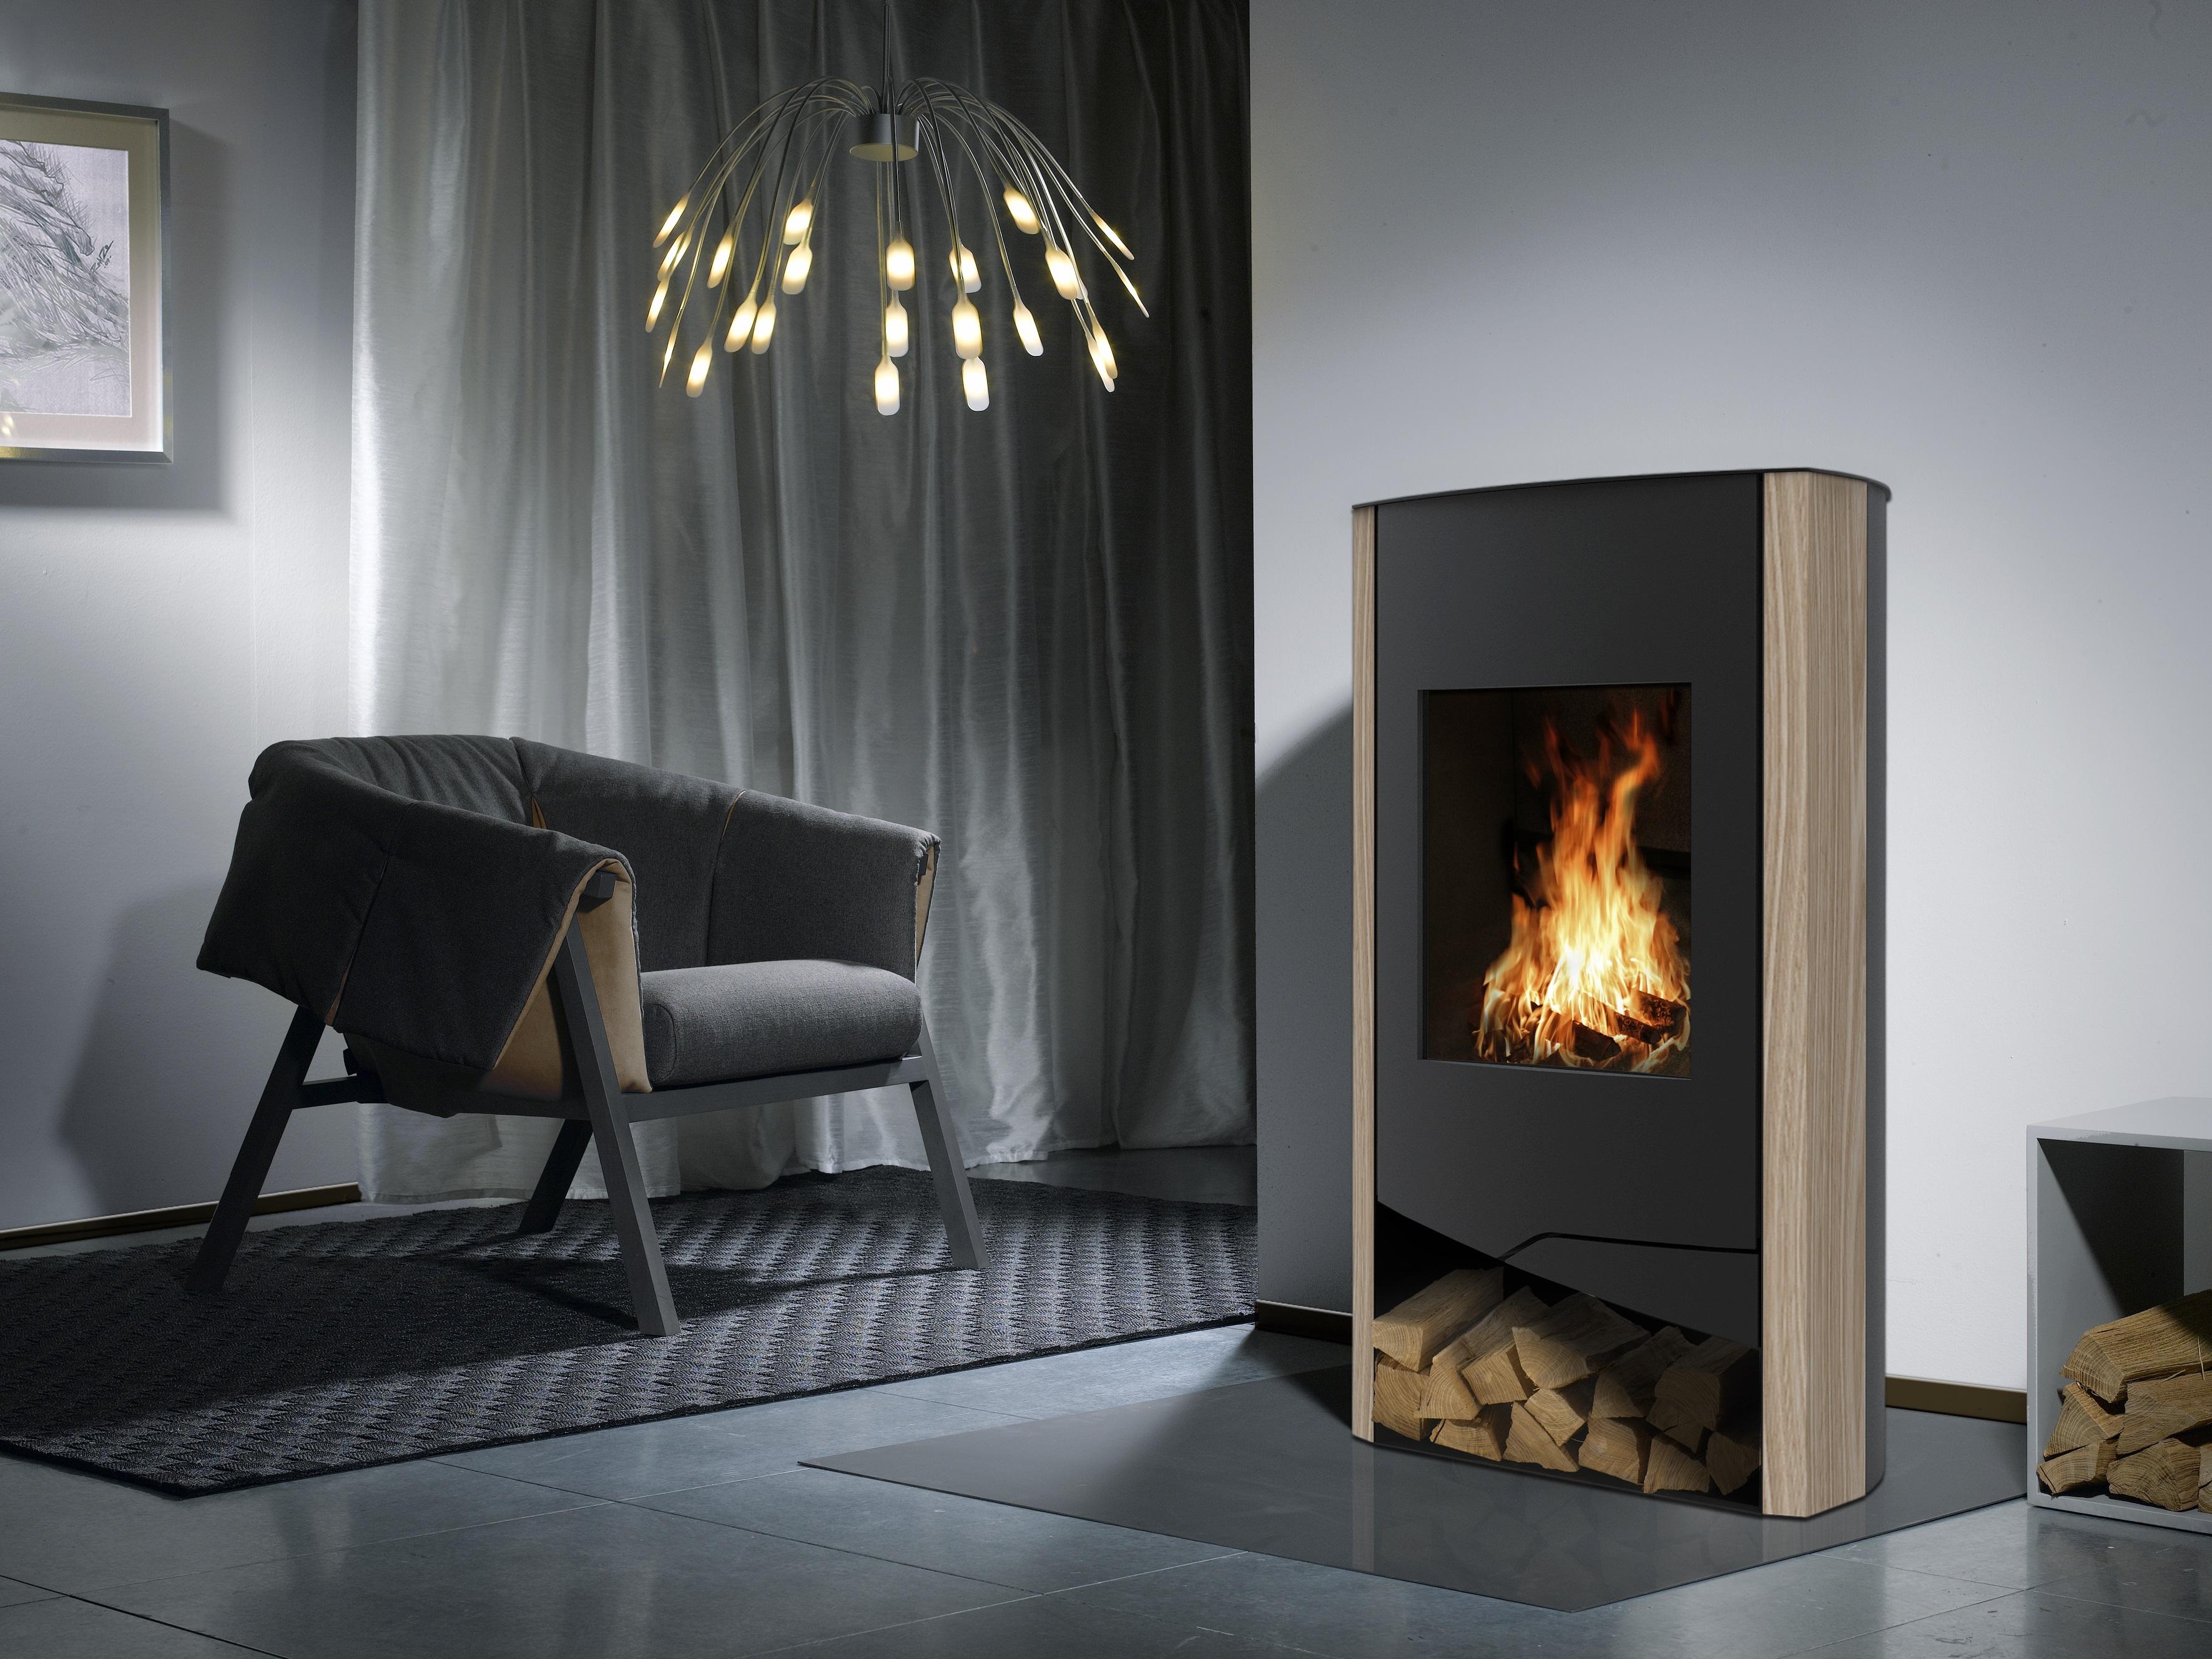 kaminofen n line sandstein wamsler gmbh. Black Bedroom Furniture Sets. Home Design Ideas